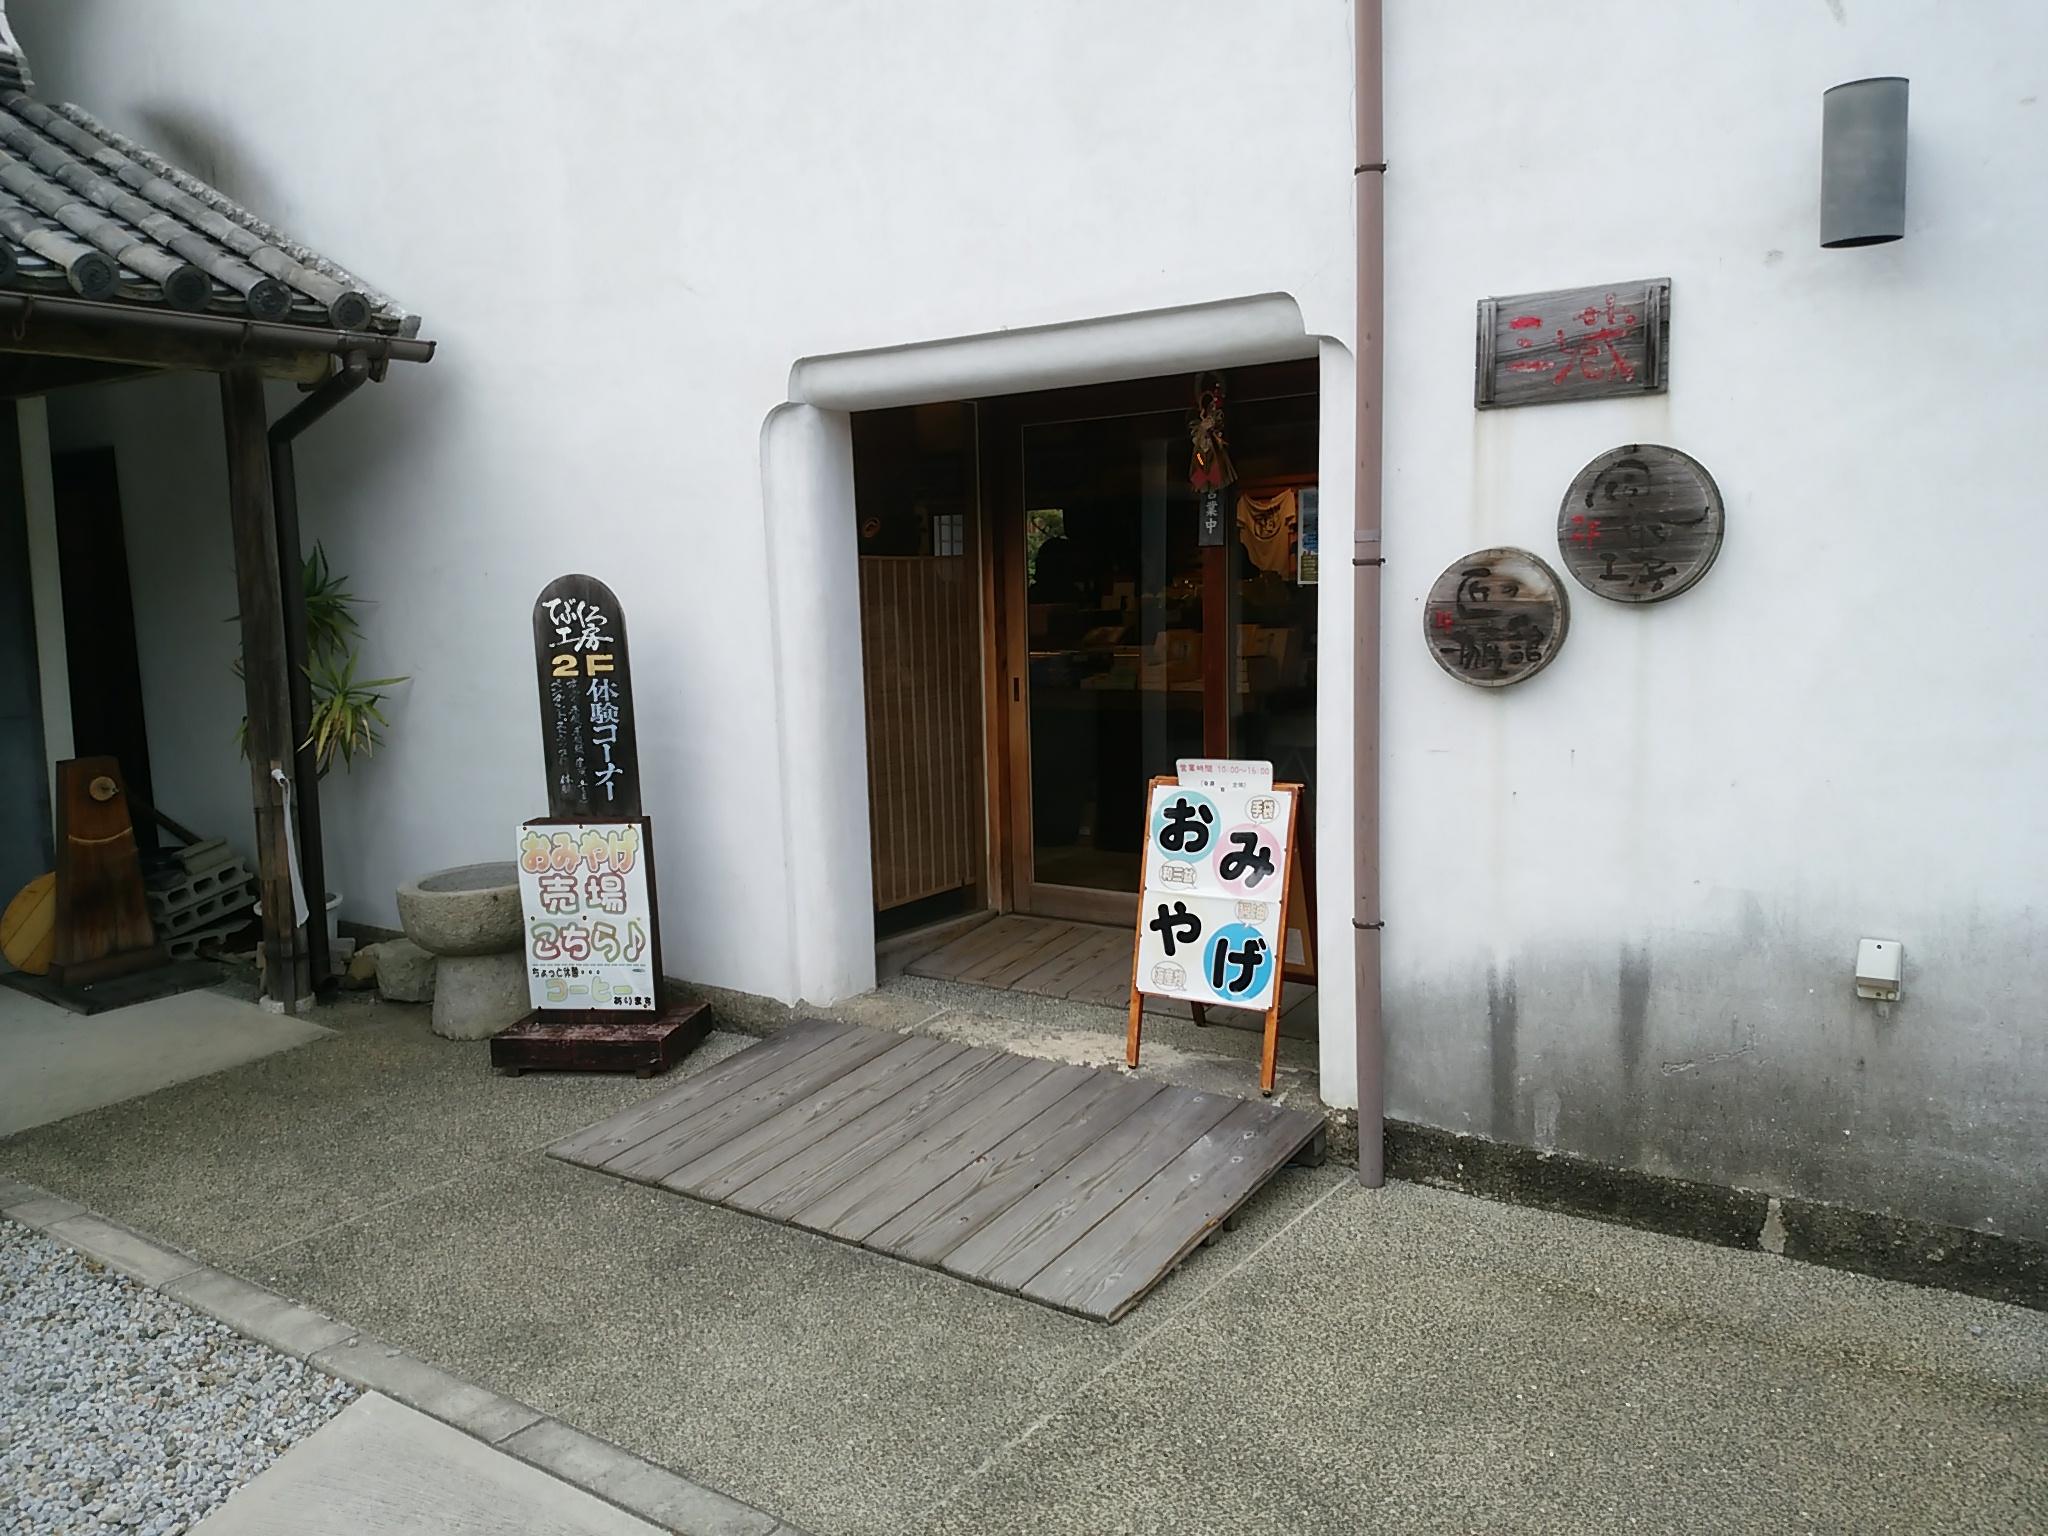 東かがわ市引田の讃州井筒屋敷で革のわんこつくり体験